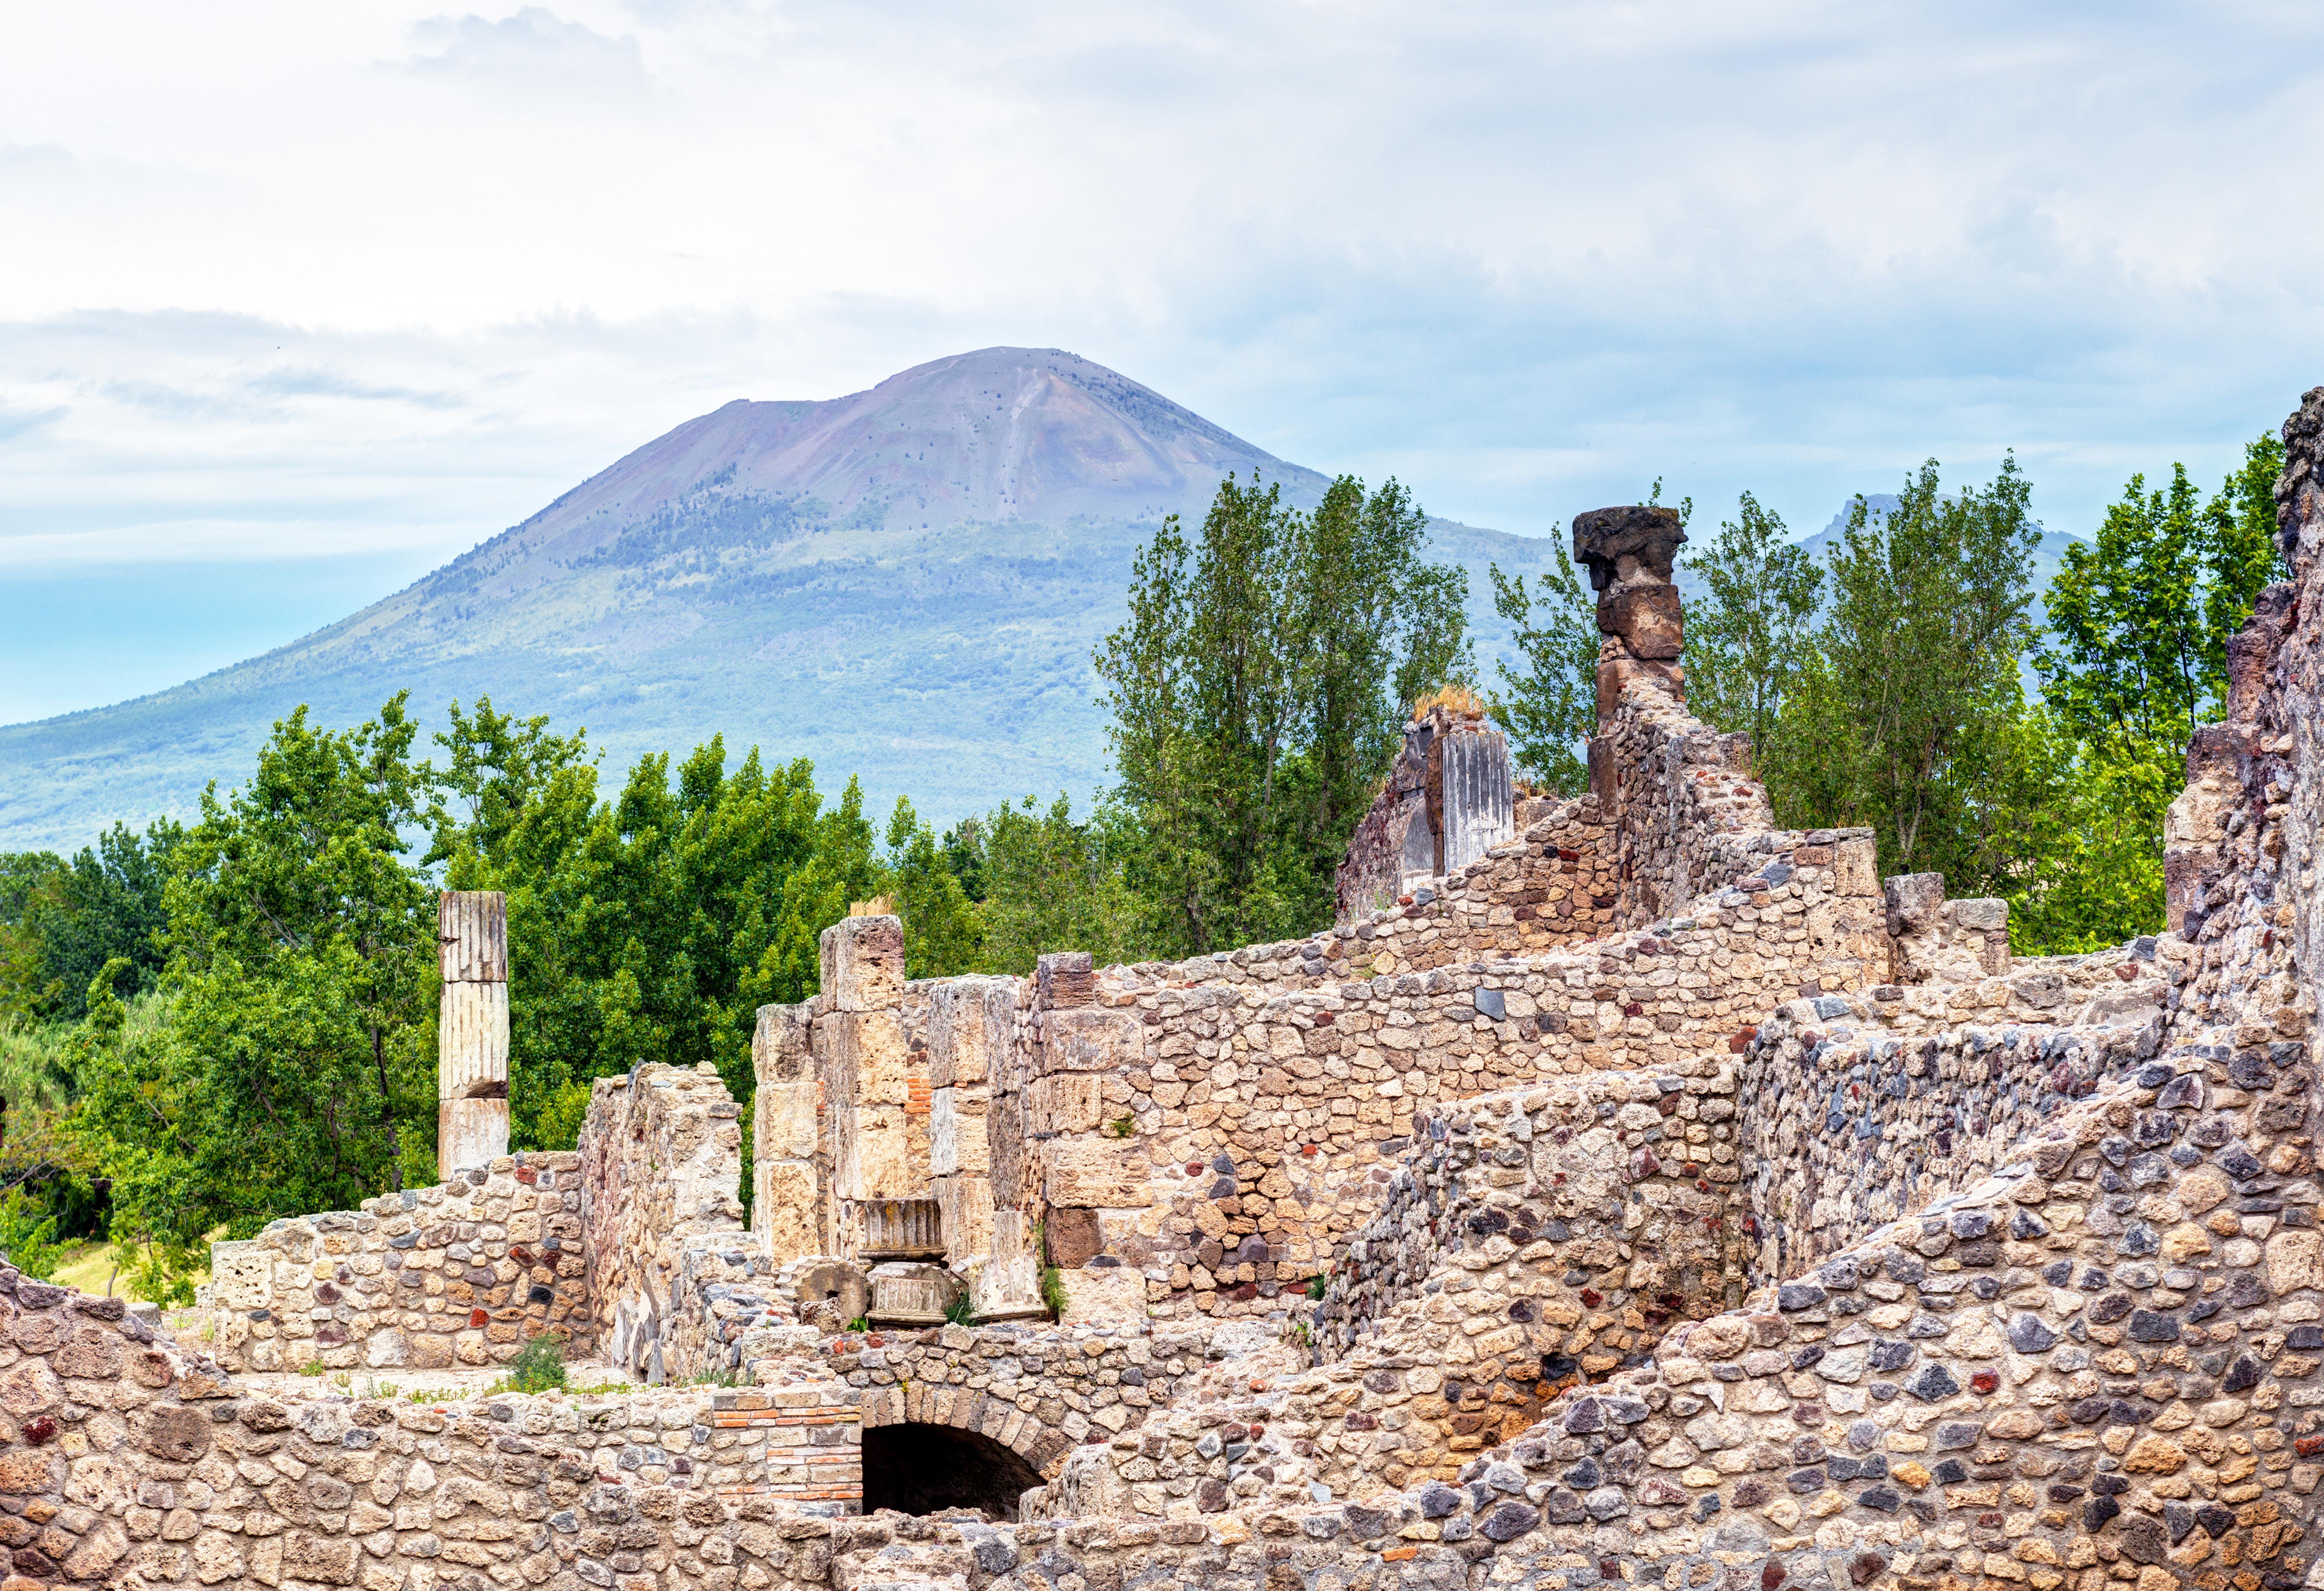 Visita las impactantes ruinas de la antigua ciudad de Pompeya - Italia Escapada Escapada Sur de Italia: de Nápoles a Puglia